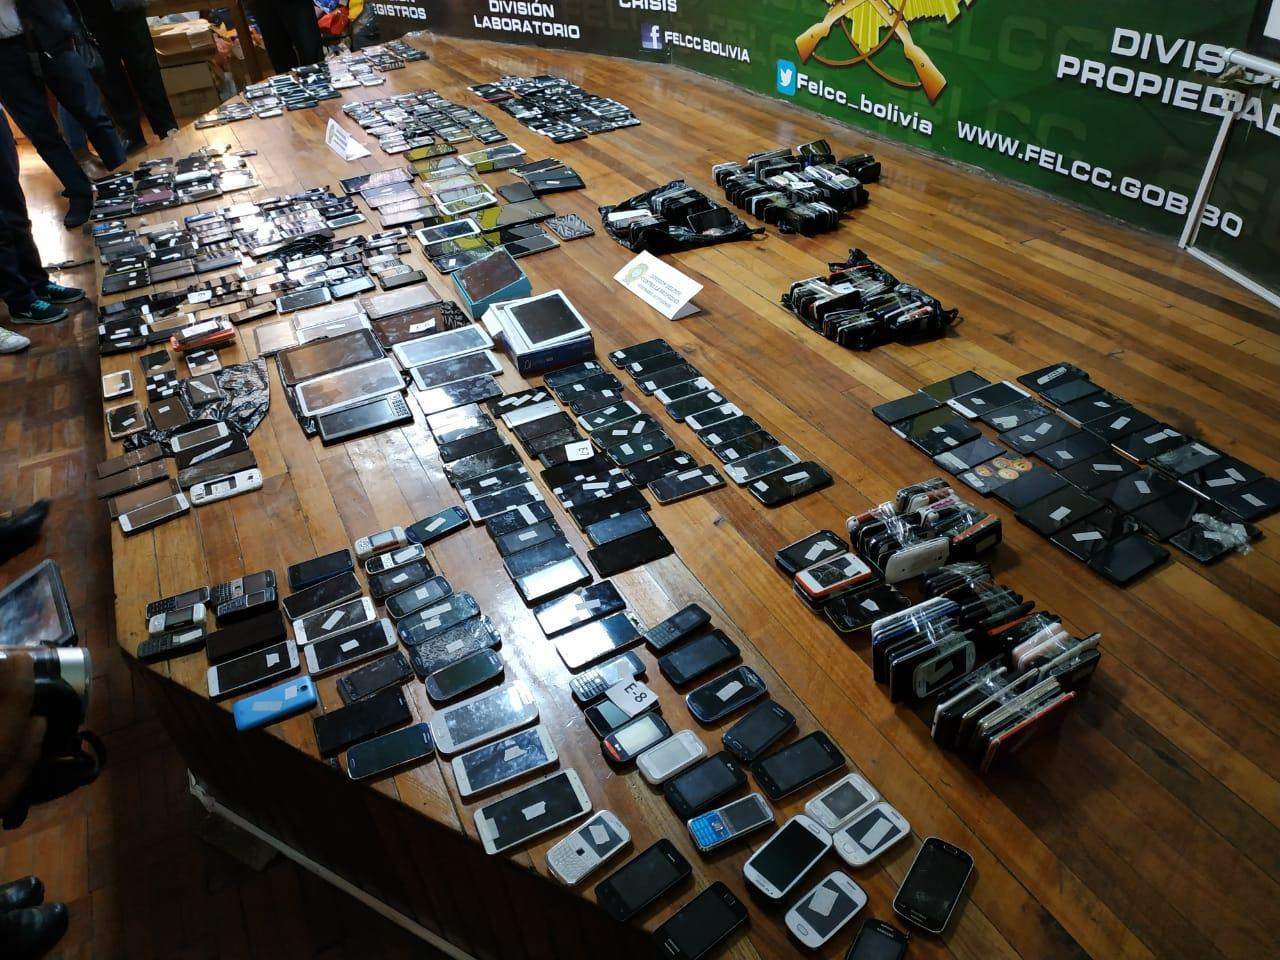 Celulares presuntamente robados son flasheados para volver a venderlos / ÁNGEL SALAZAR